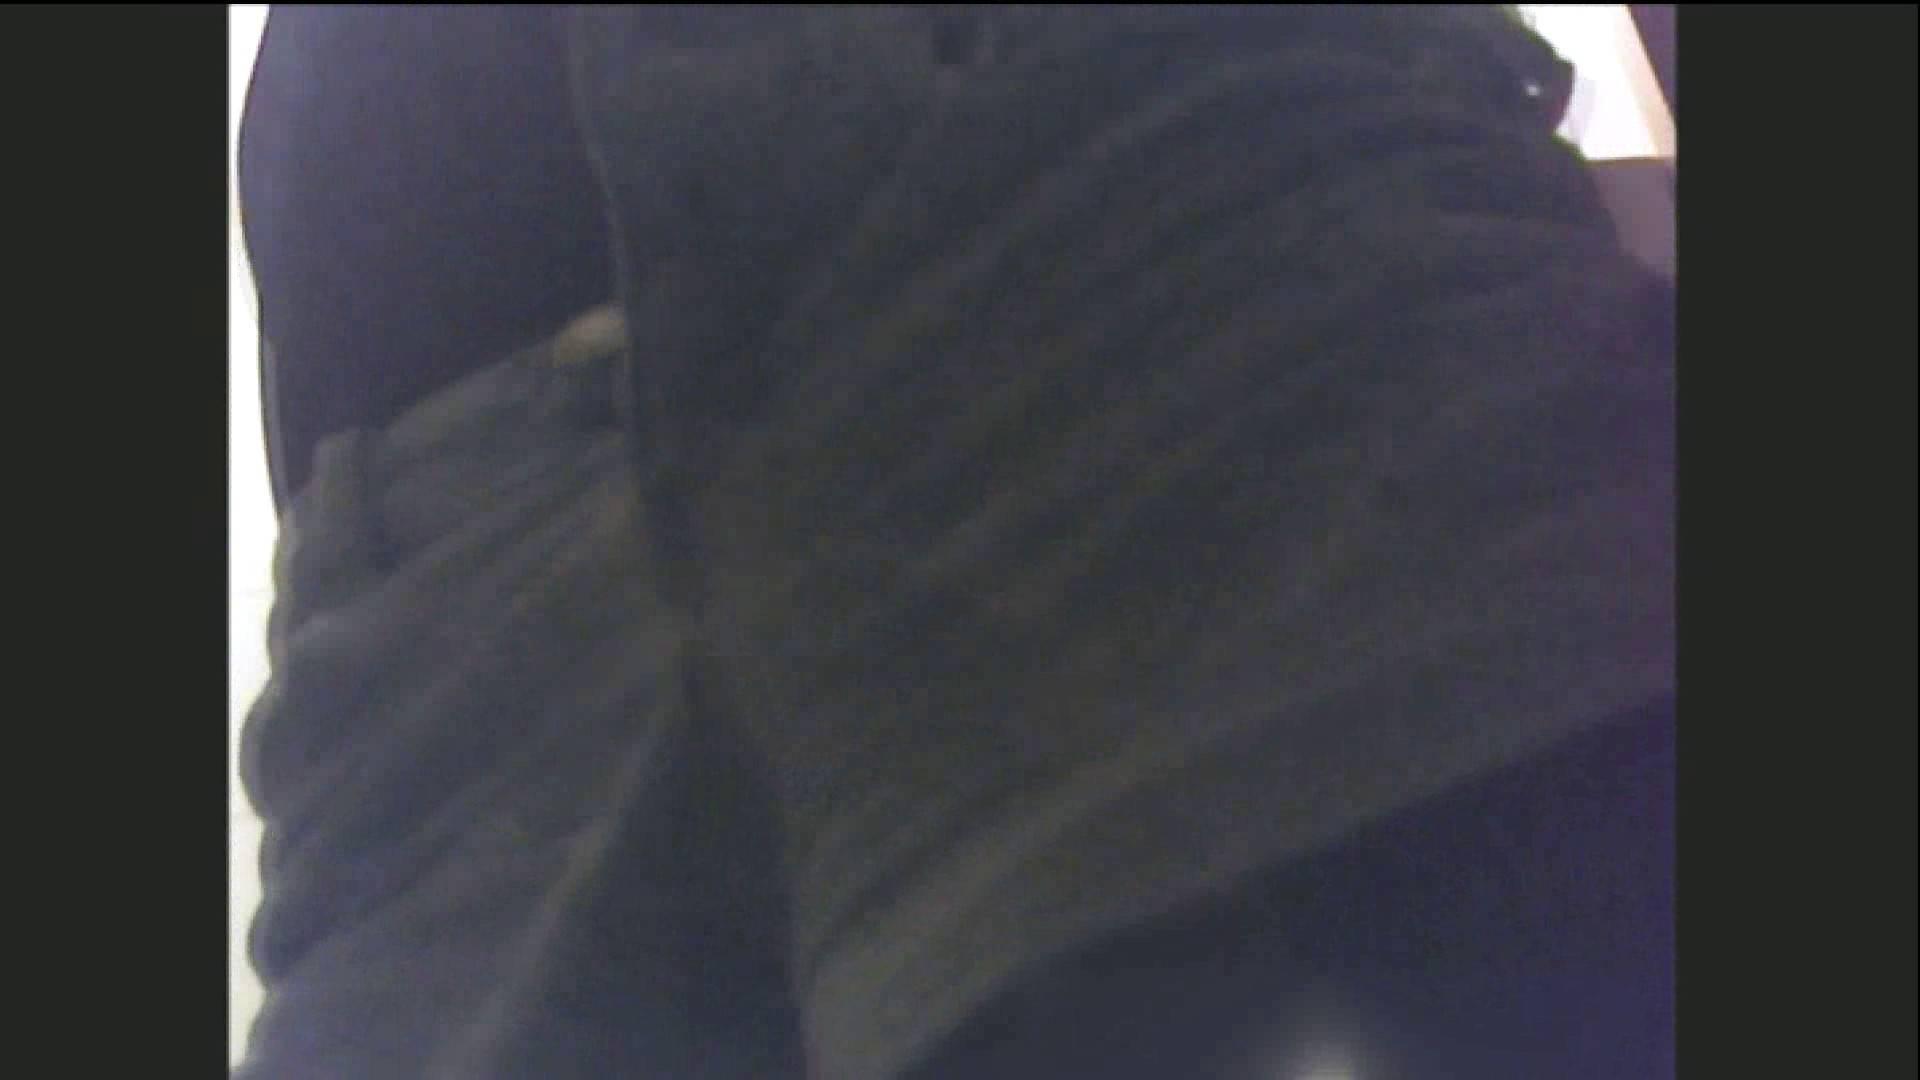 実録!!綺麗なお姉さんのトイレ事情・・・。vol.11 トイレの中の女の子 おめこ無修正動画無料 65連発 40